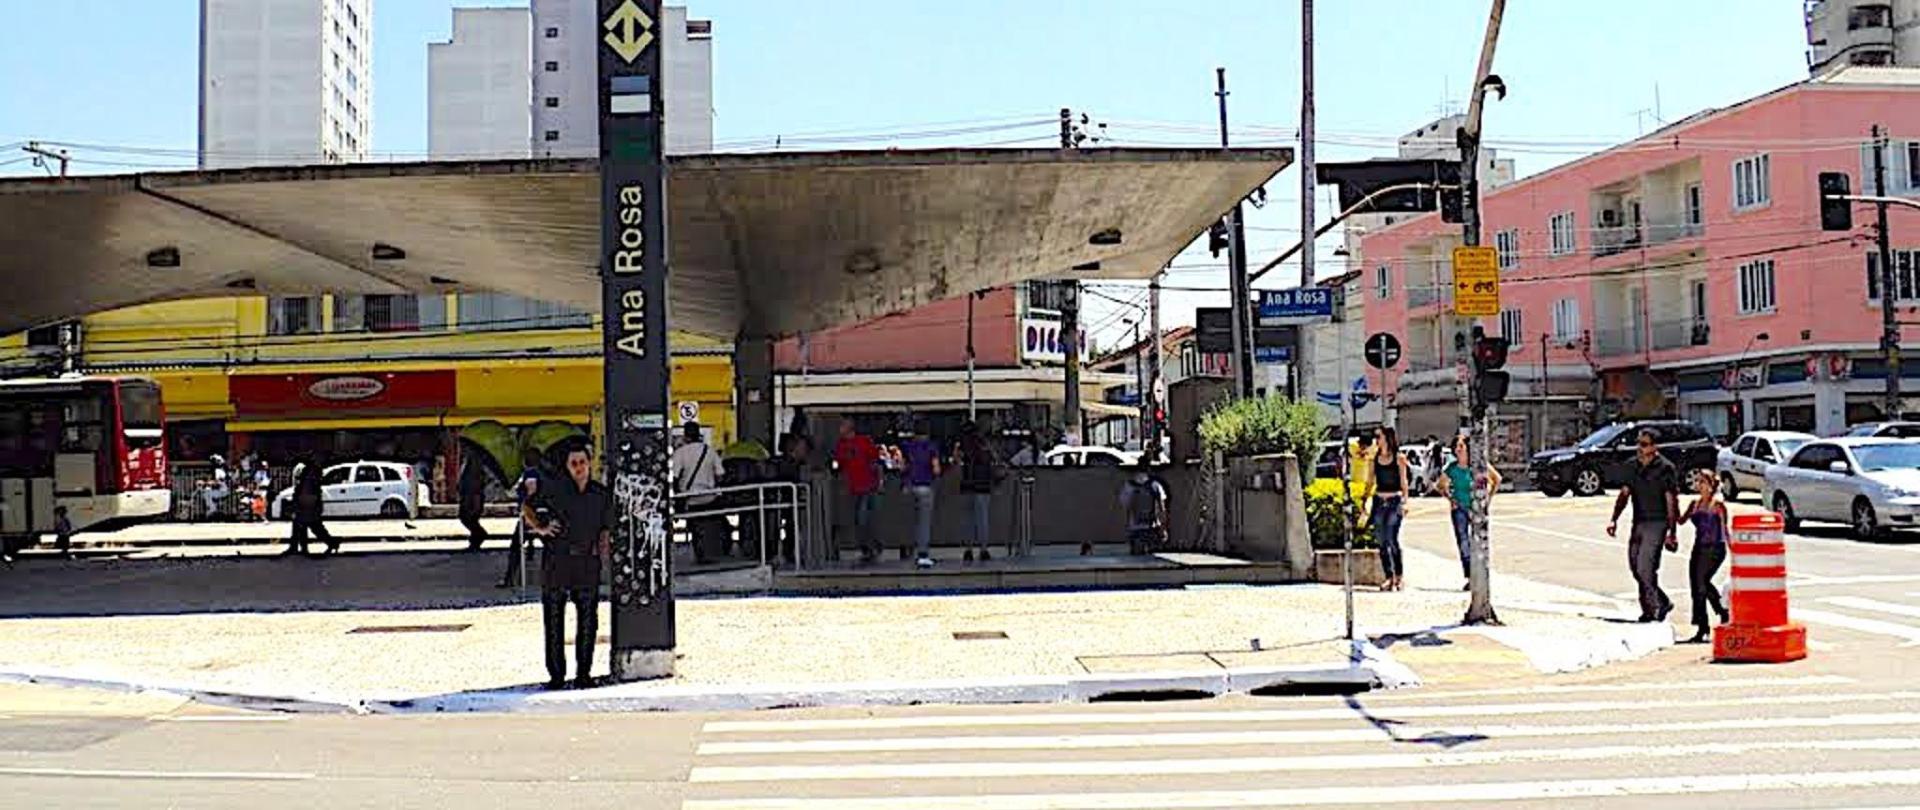 Acessso Estação Ana Rosa a 200 metros do Hotel